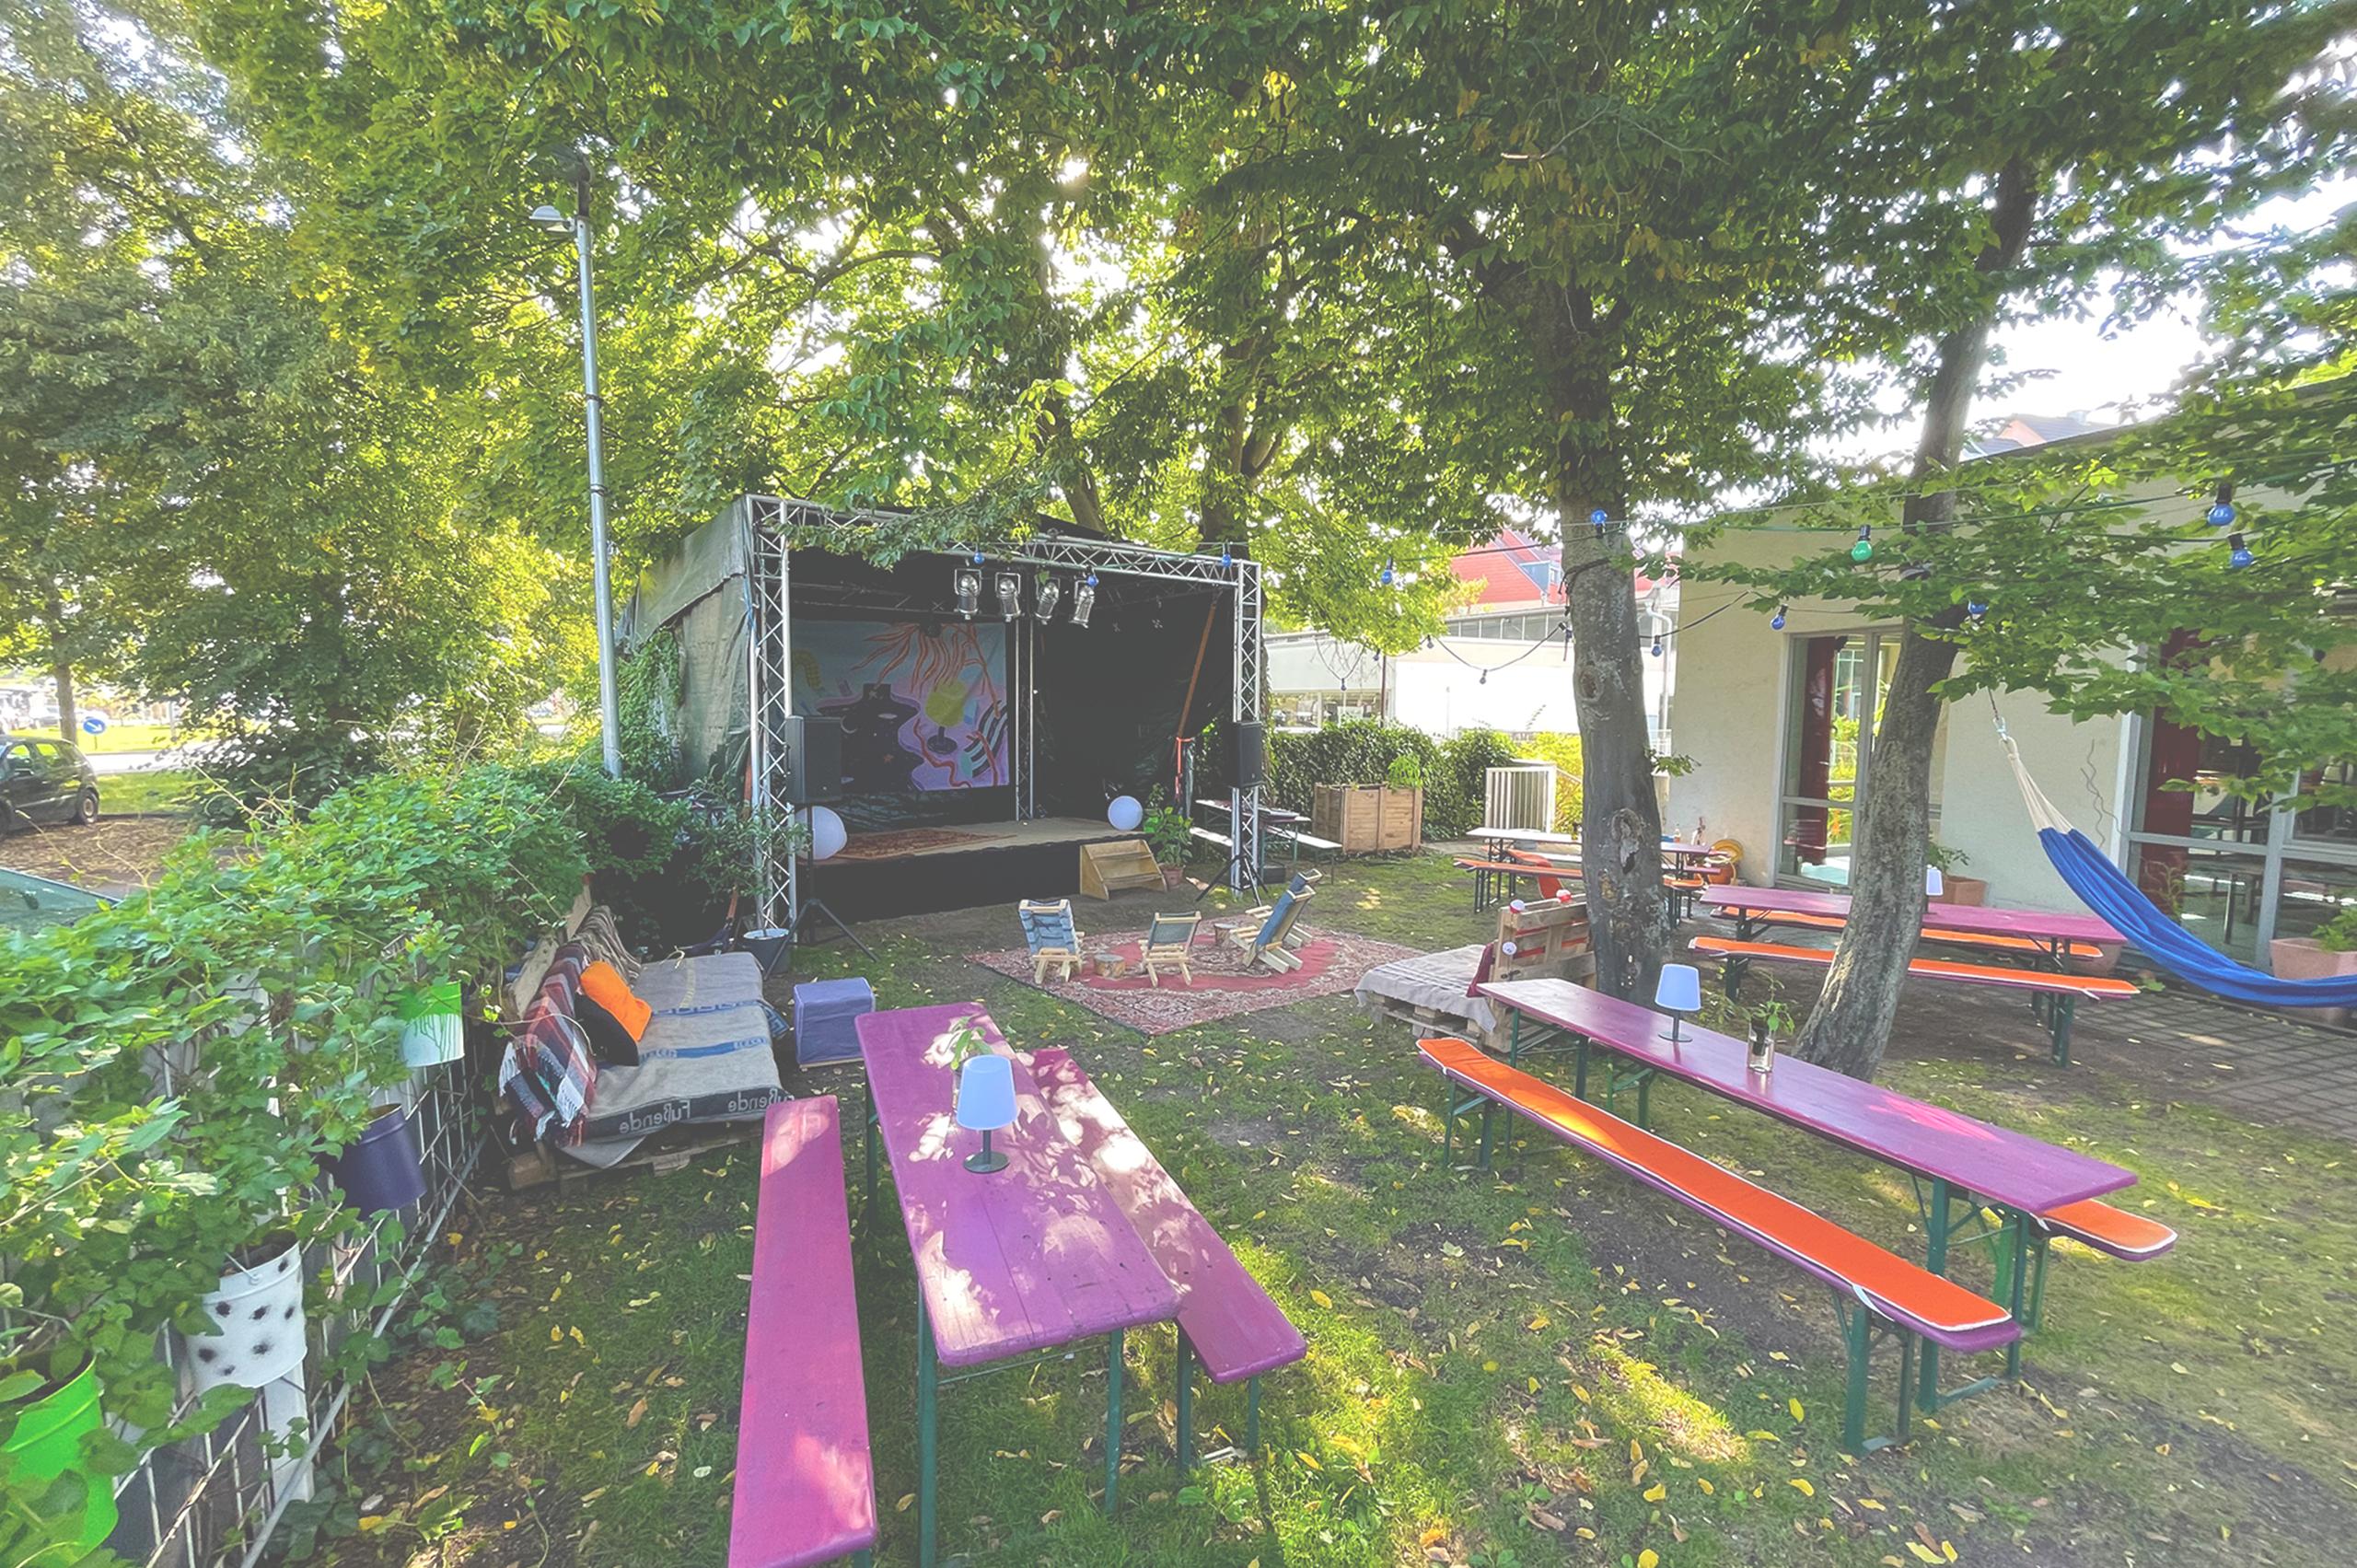 Foto vom Biergarten mit Außenbühne, Sitzgelegenheiten aus Palleten und Biertischgarnituren. An der Seite hängt eine Hängematte.